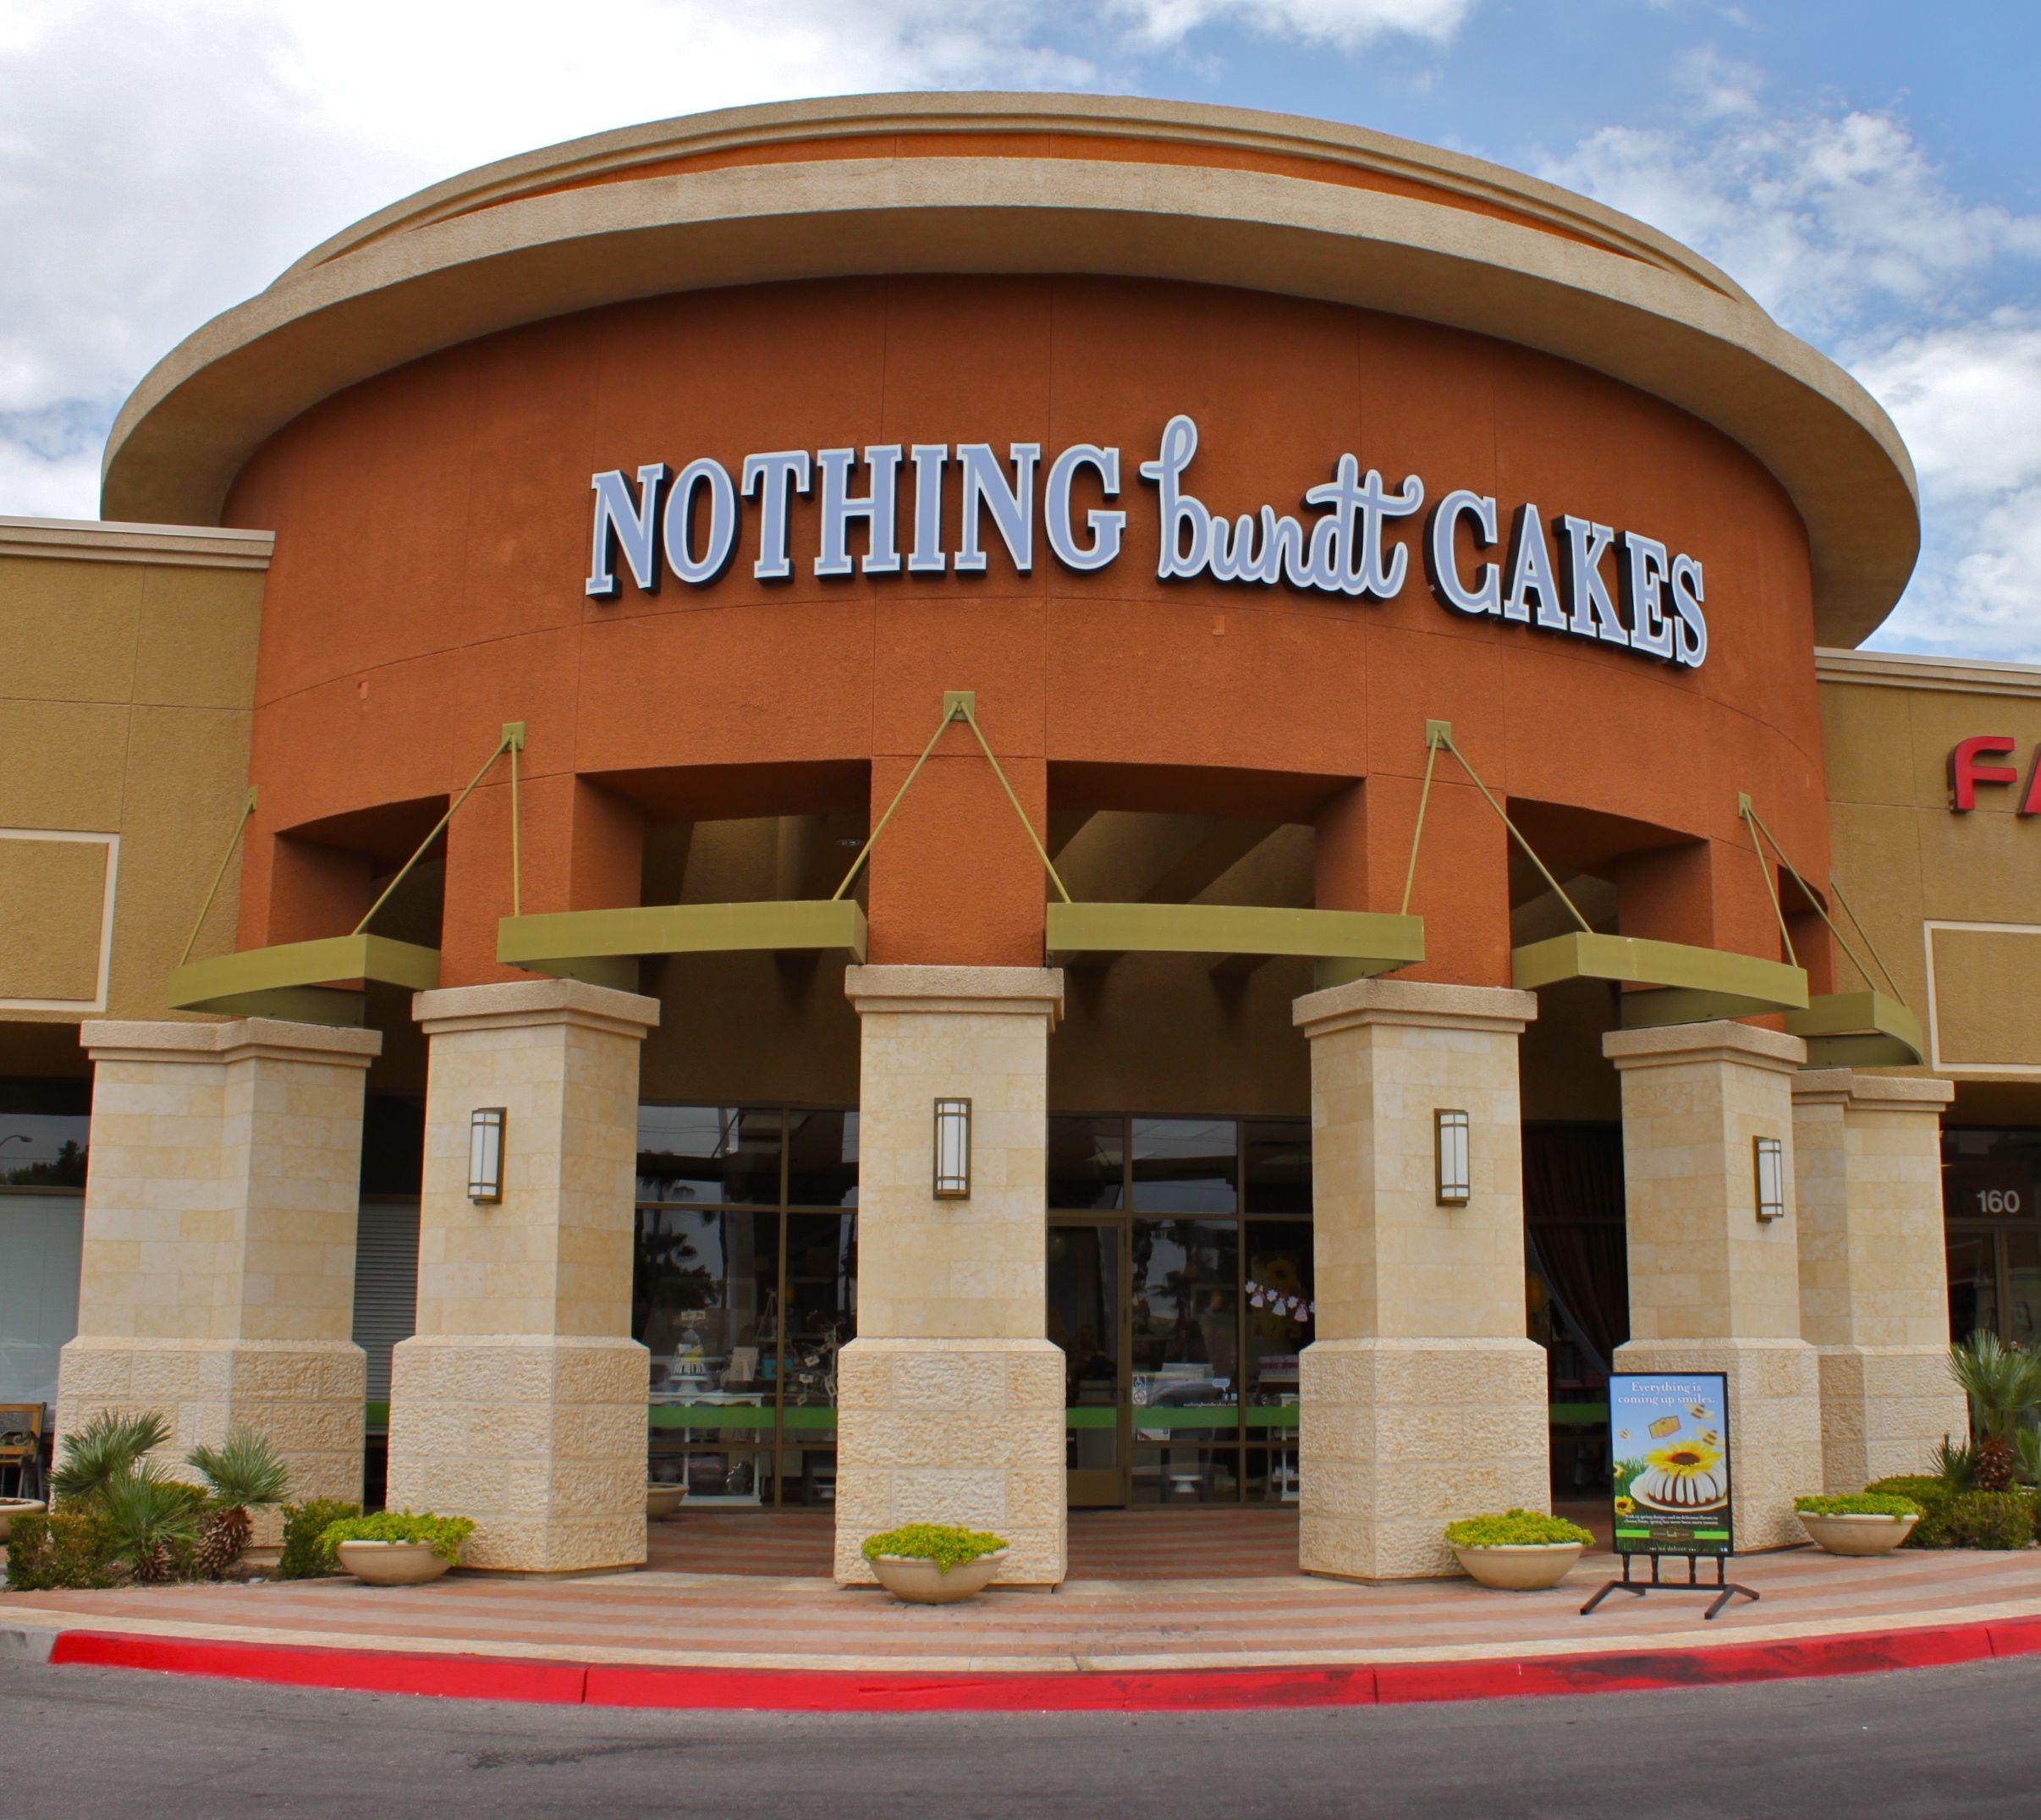 Nothing bundt cakes grows to 100 franchises nothing